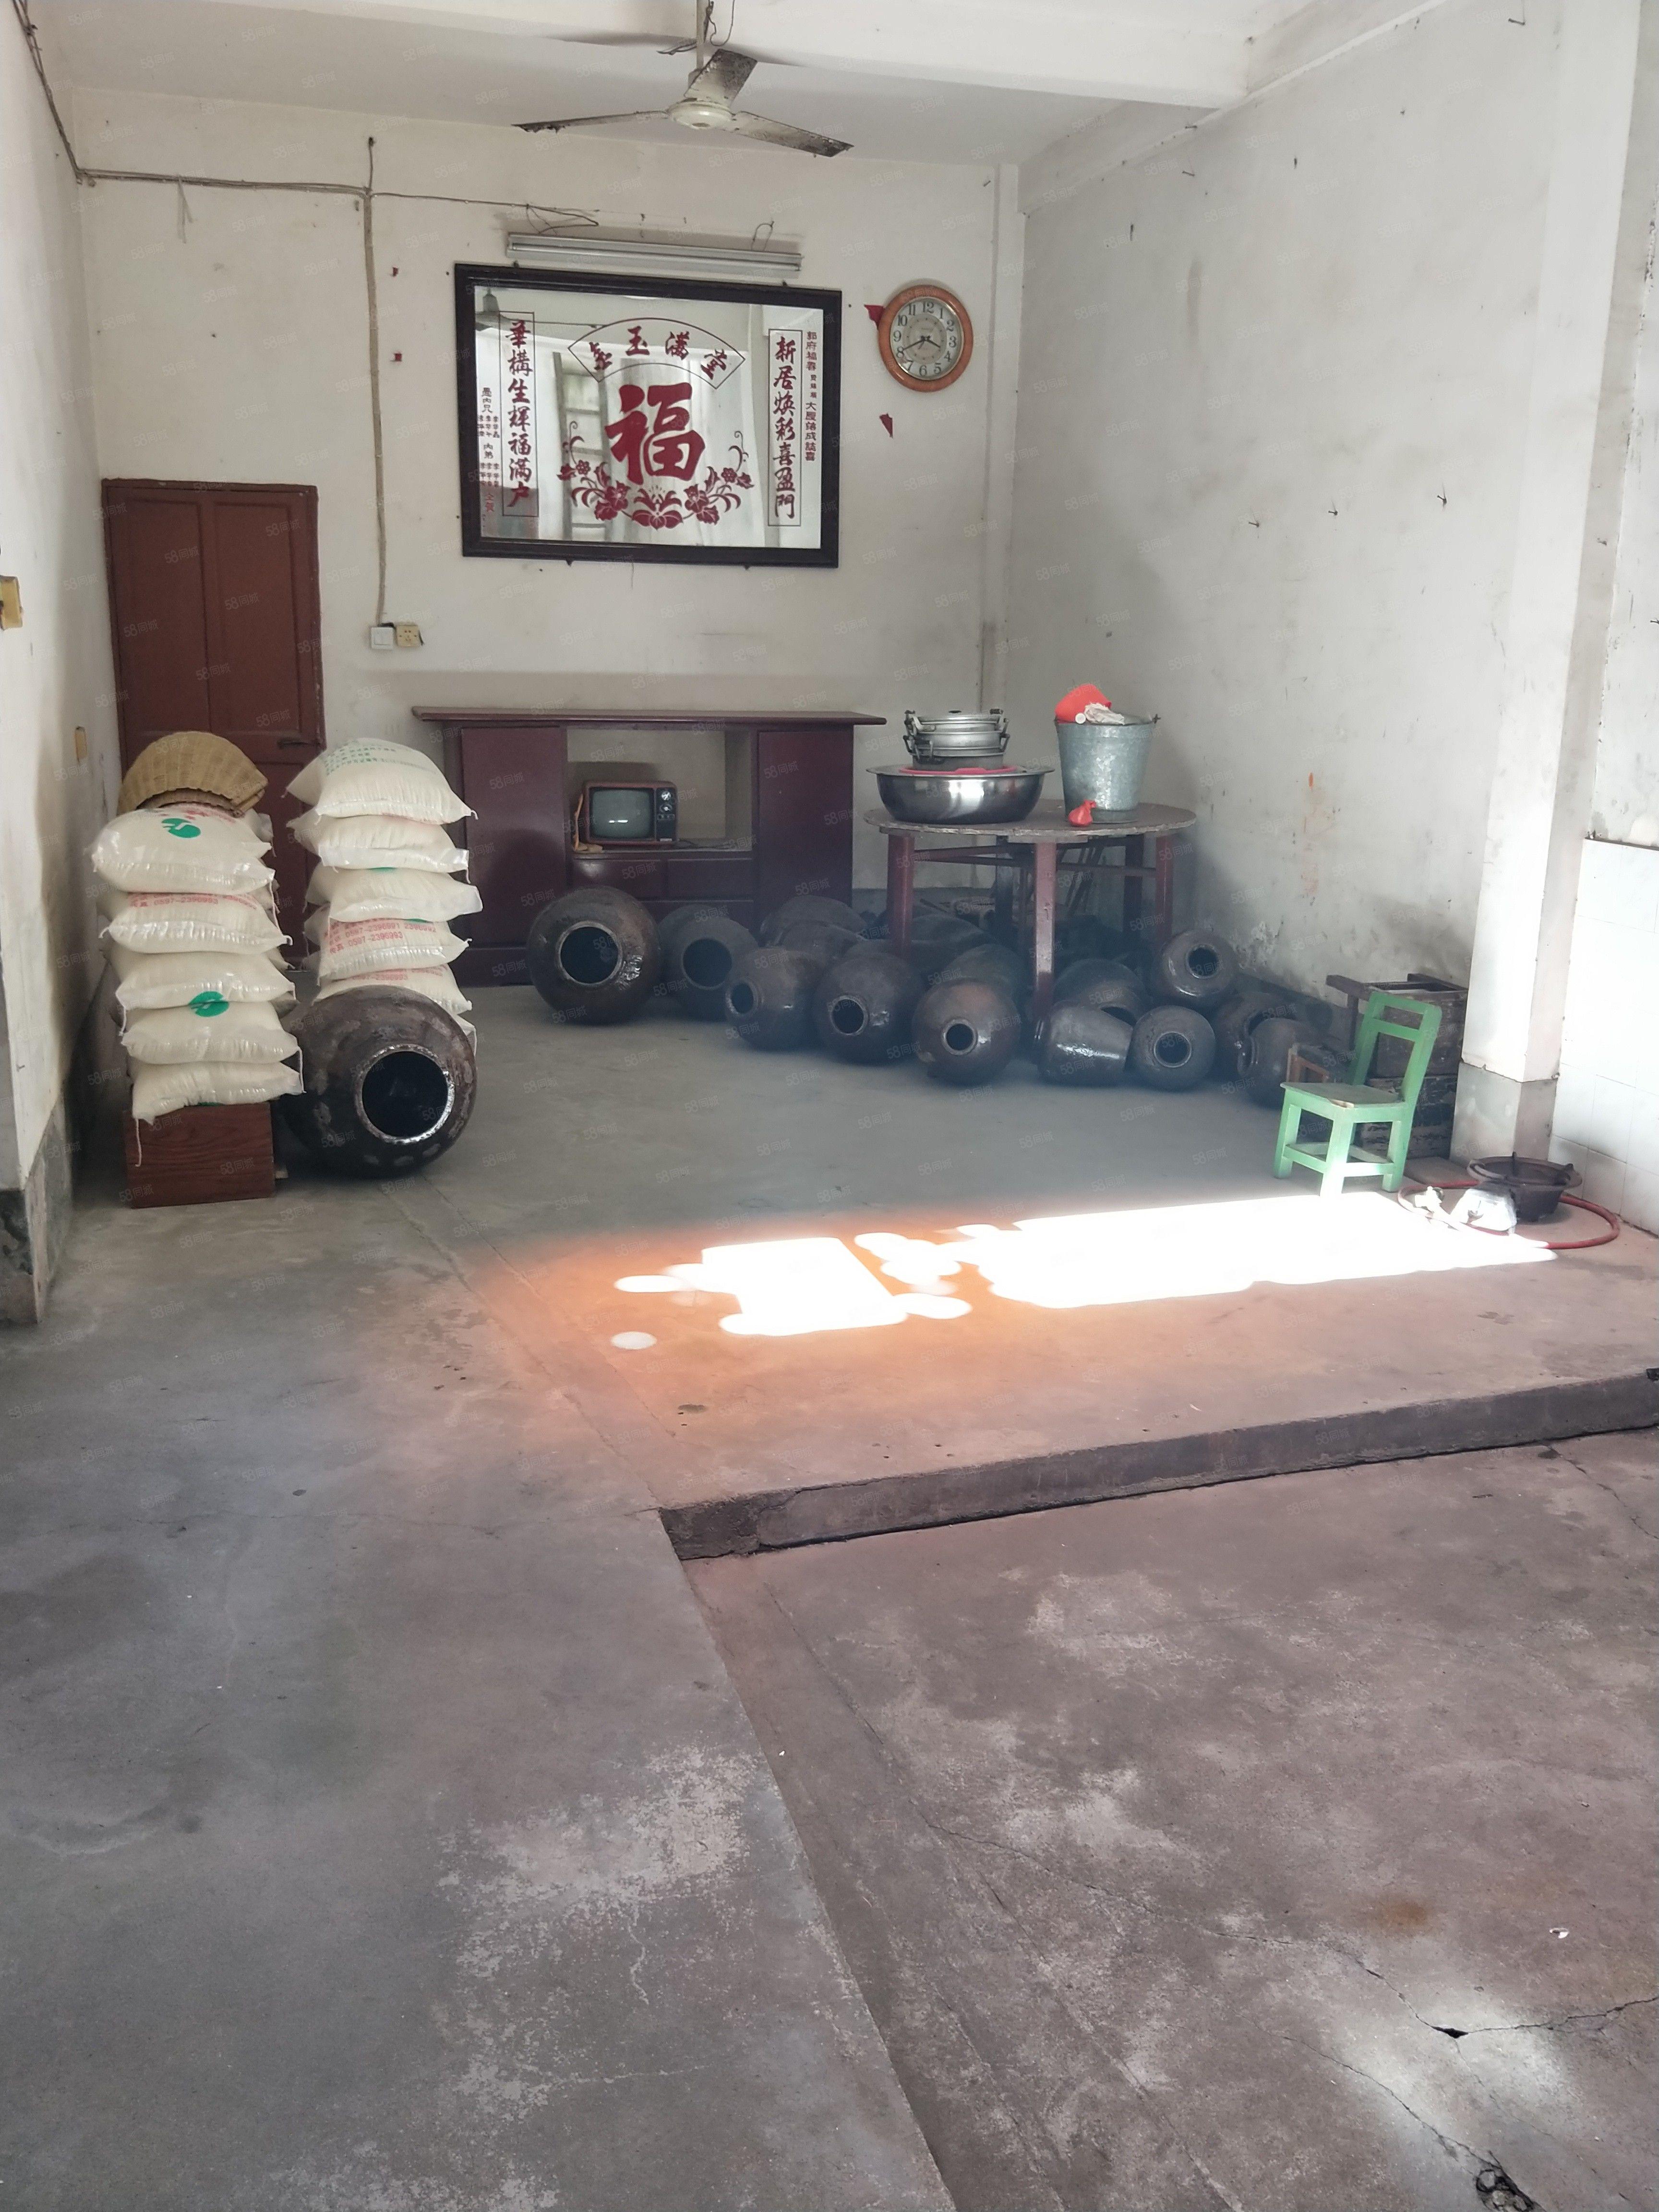 种子公司附近栋房出售,两证齐全,简单装修,占地使用面积155